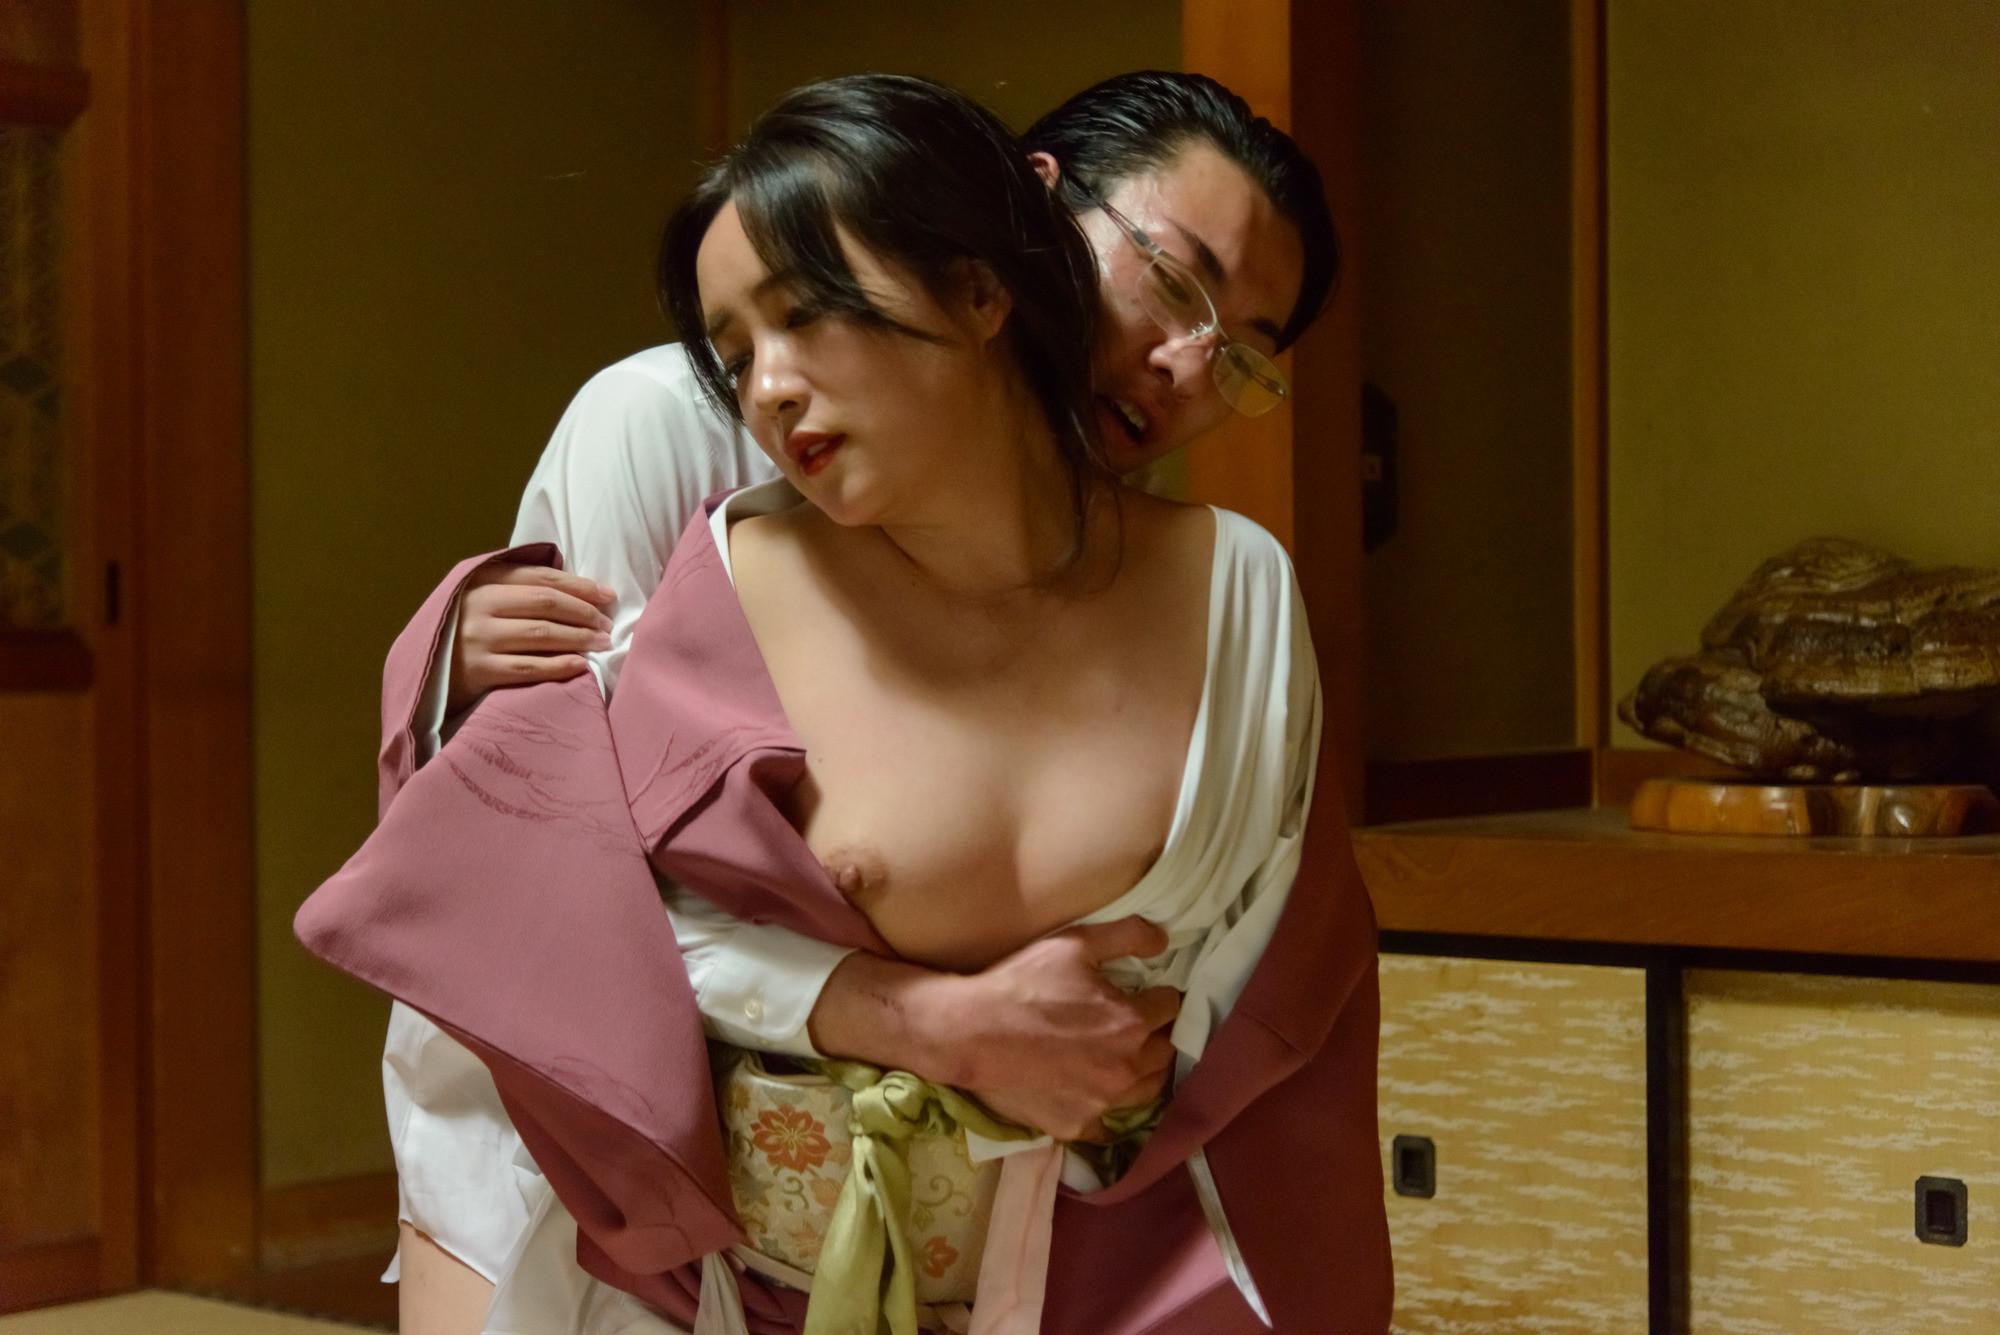 花音うららの超絶敏感美女とエンドレス・オーガズムSEX,のサンプル画像8